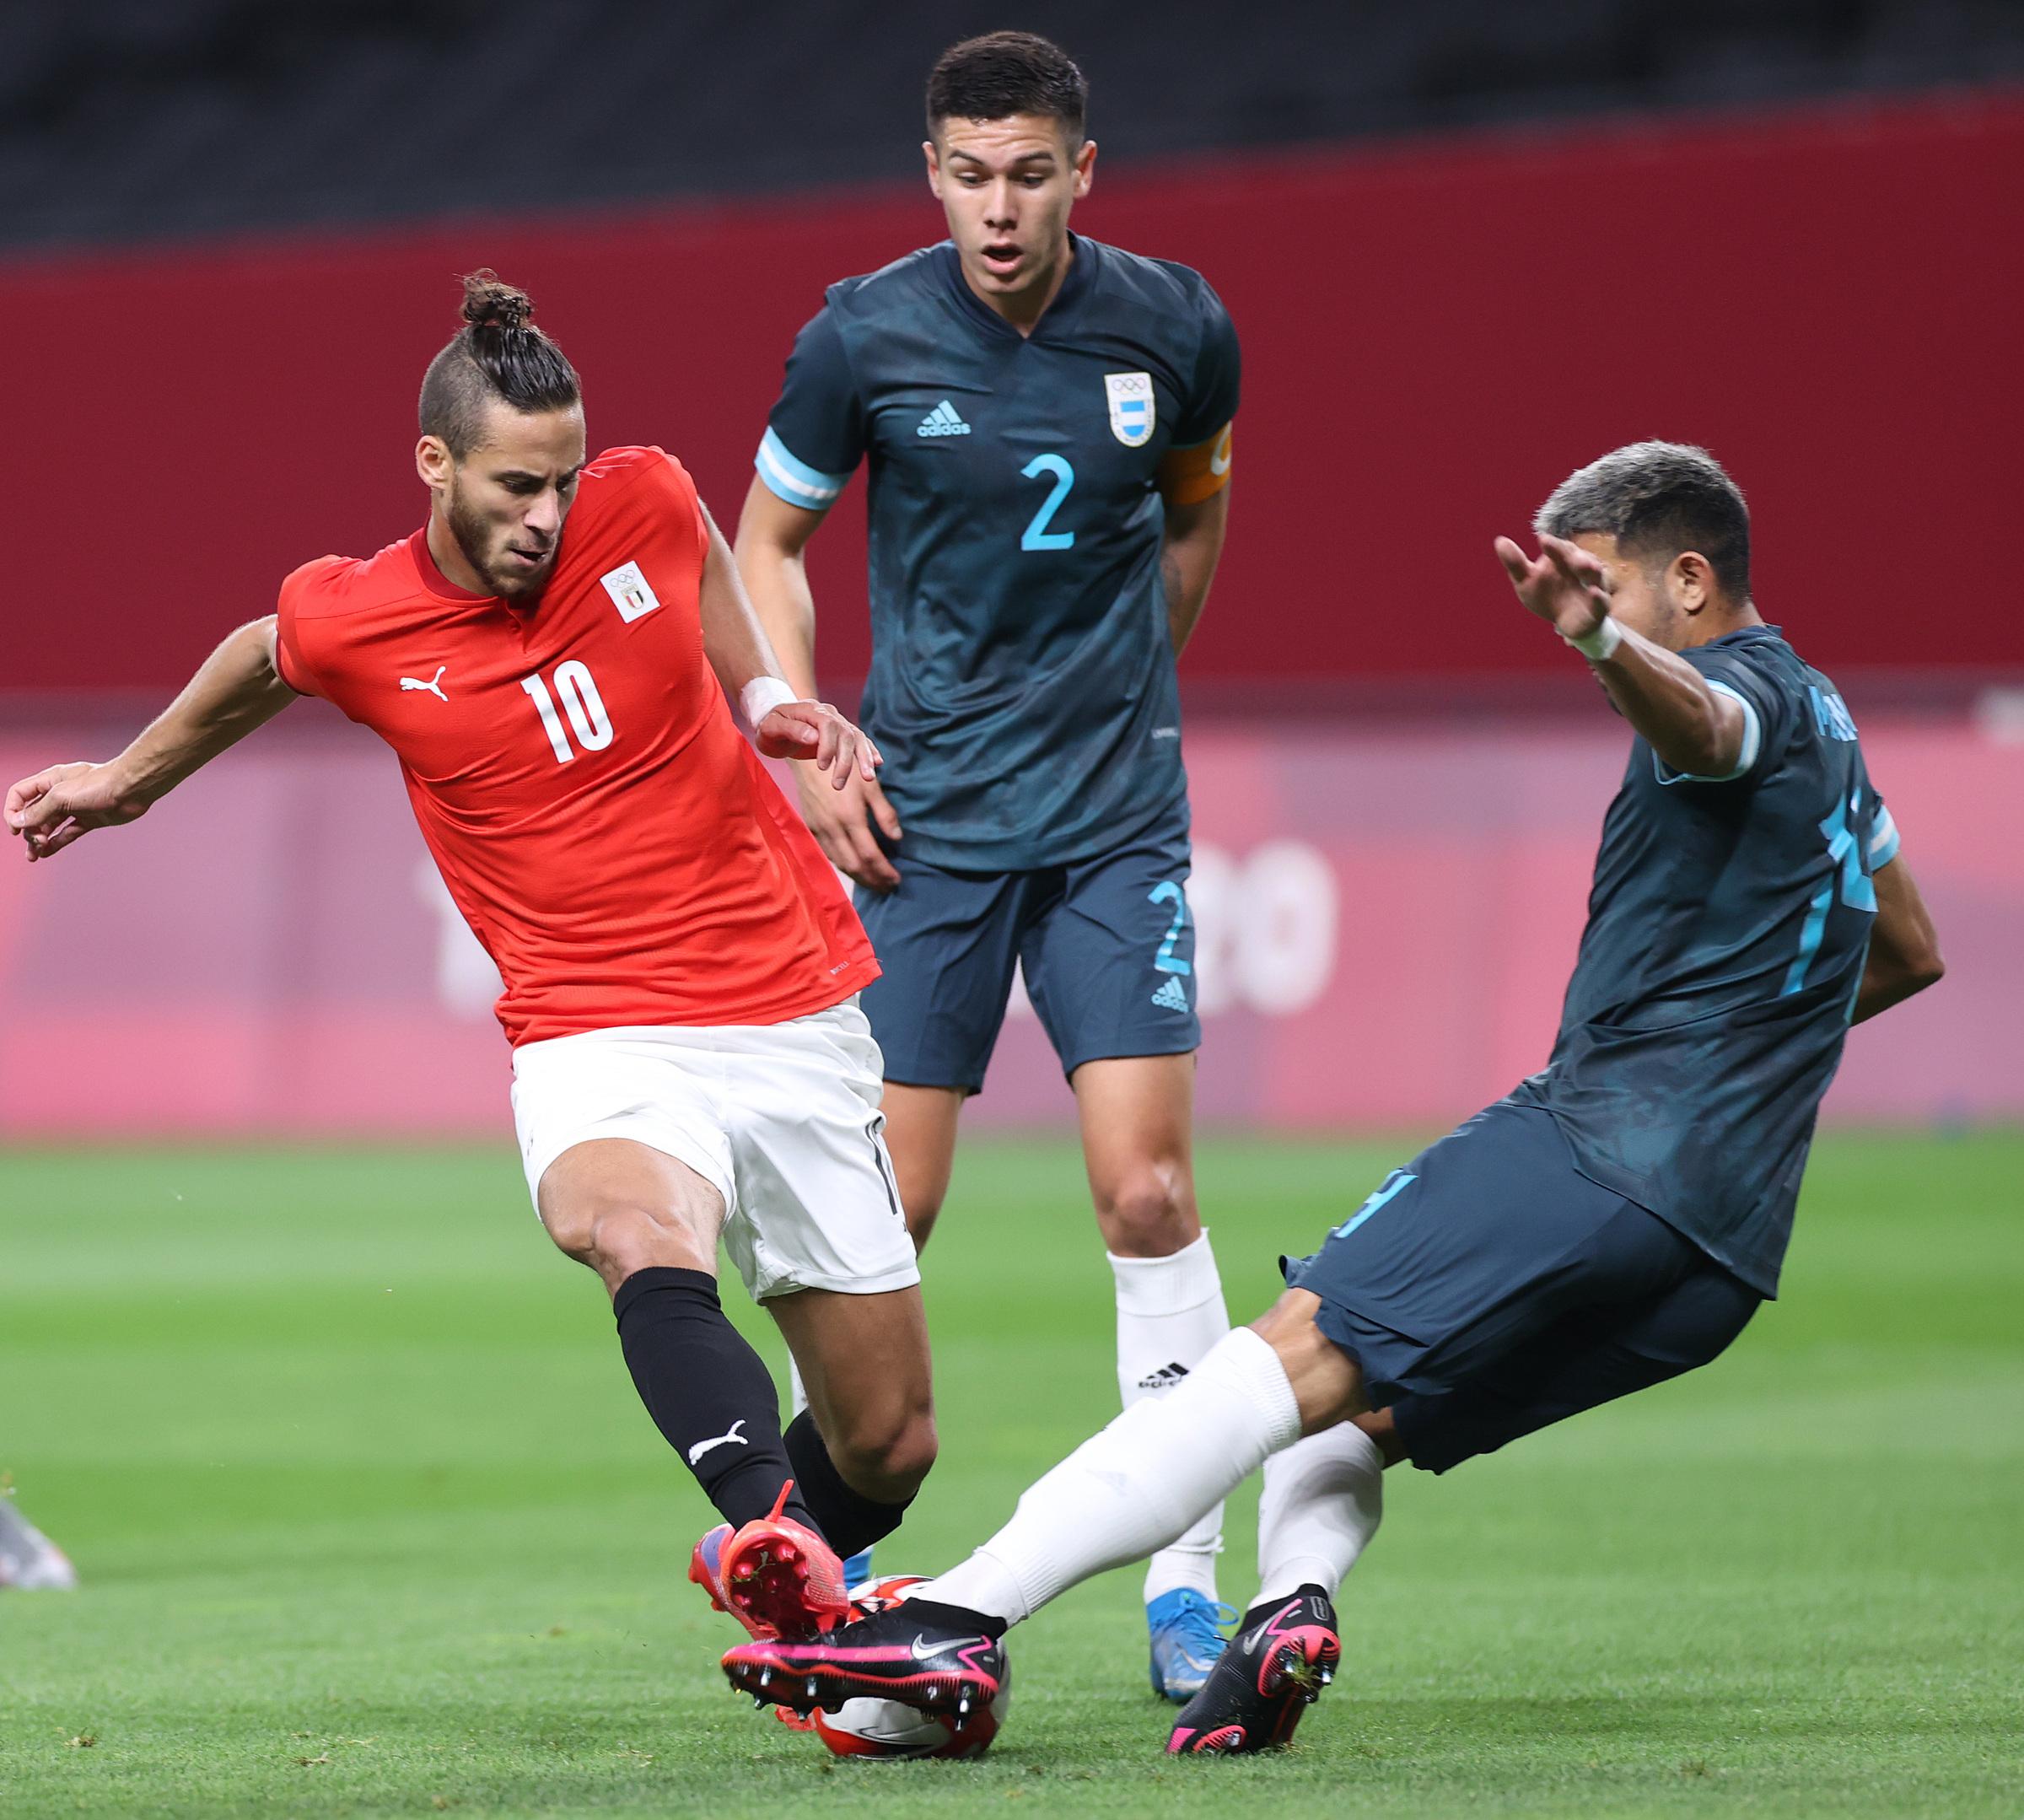 Sobhi (số 10) nhiều lần khiến hàng thủ Argentina vất vả với các pha đi bóng lắt léo và tốc độ. Ảnh: AFA